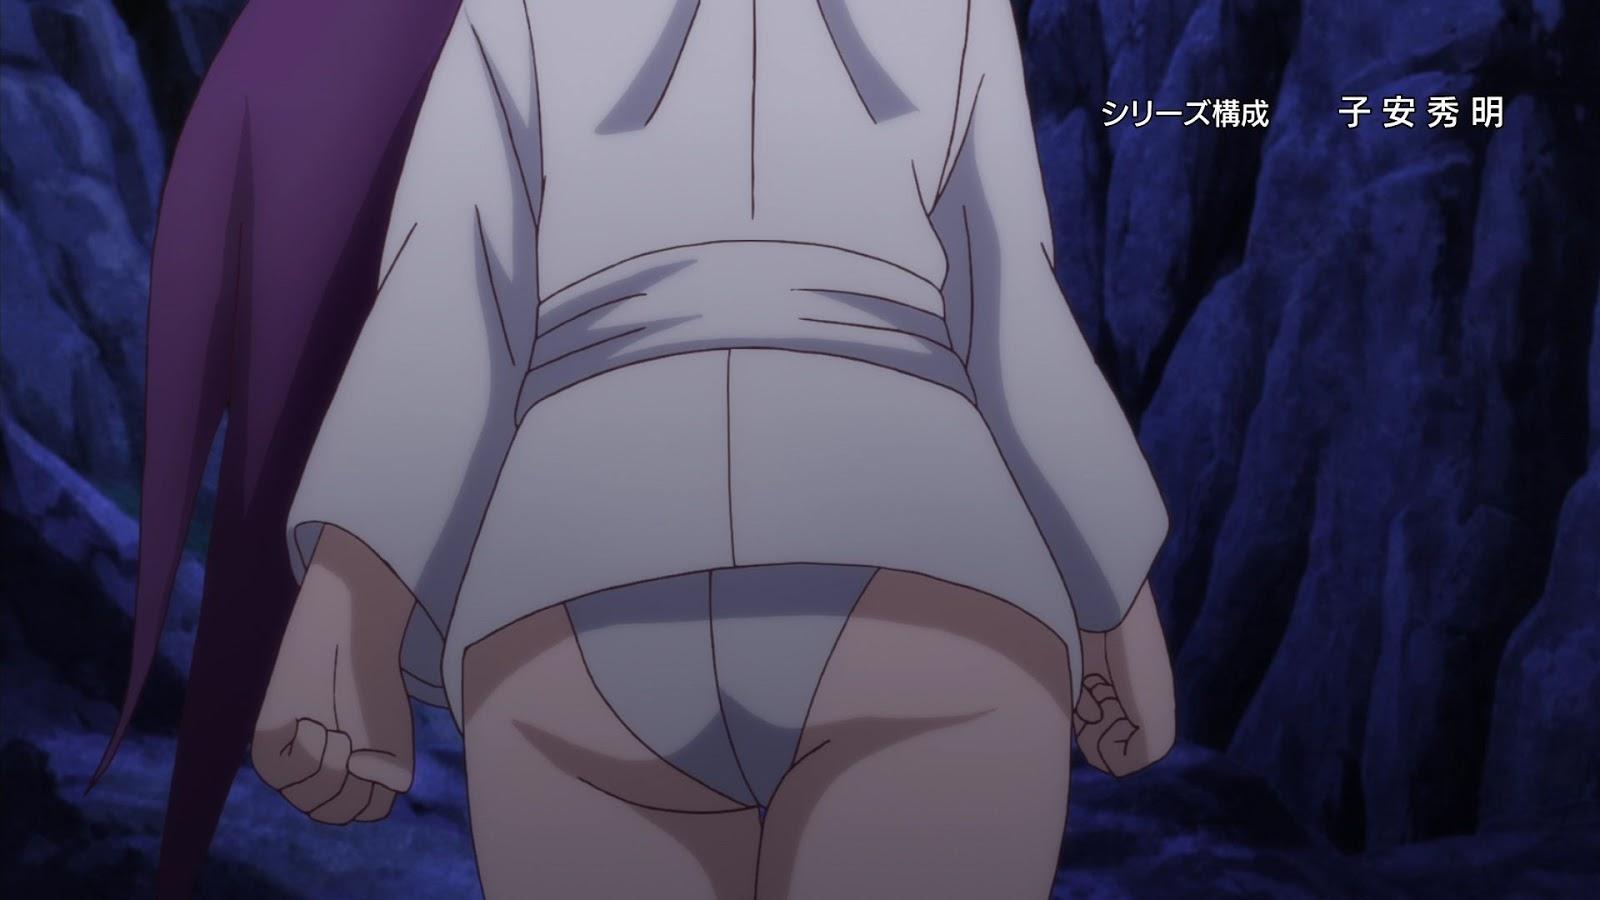 Yuragi-sou no Yuuna-san OAD - Cenas e gifs